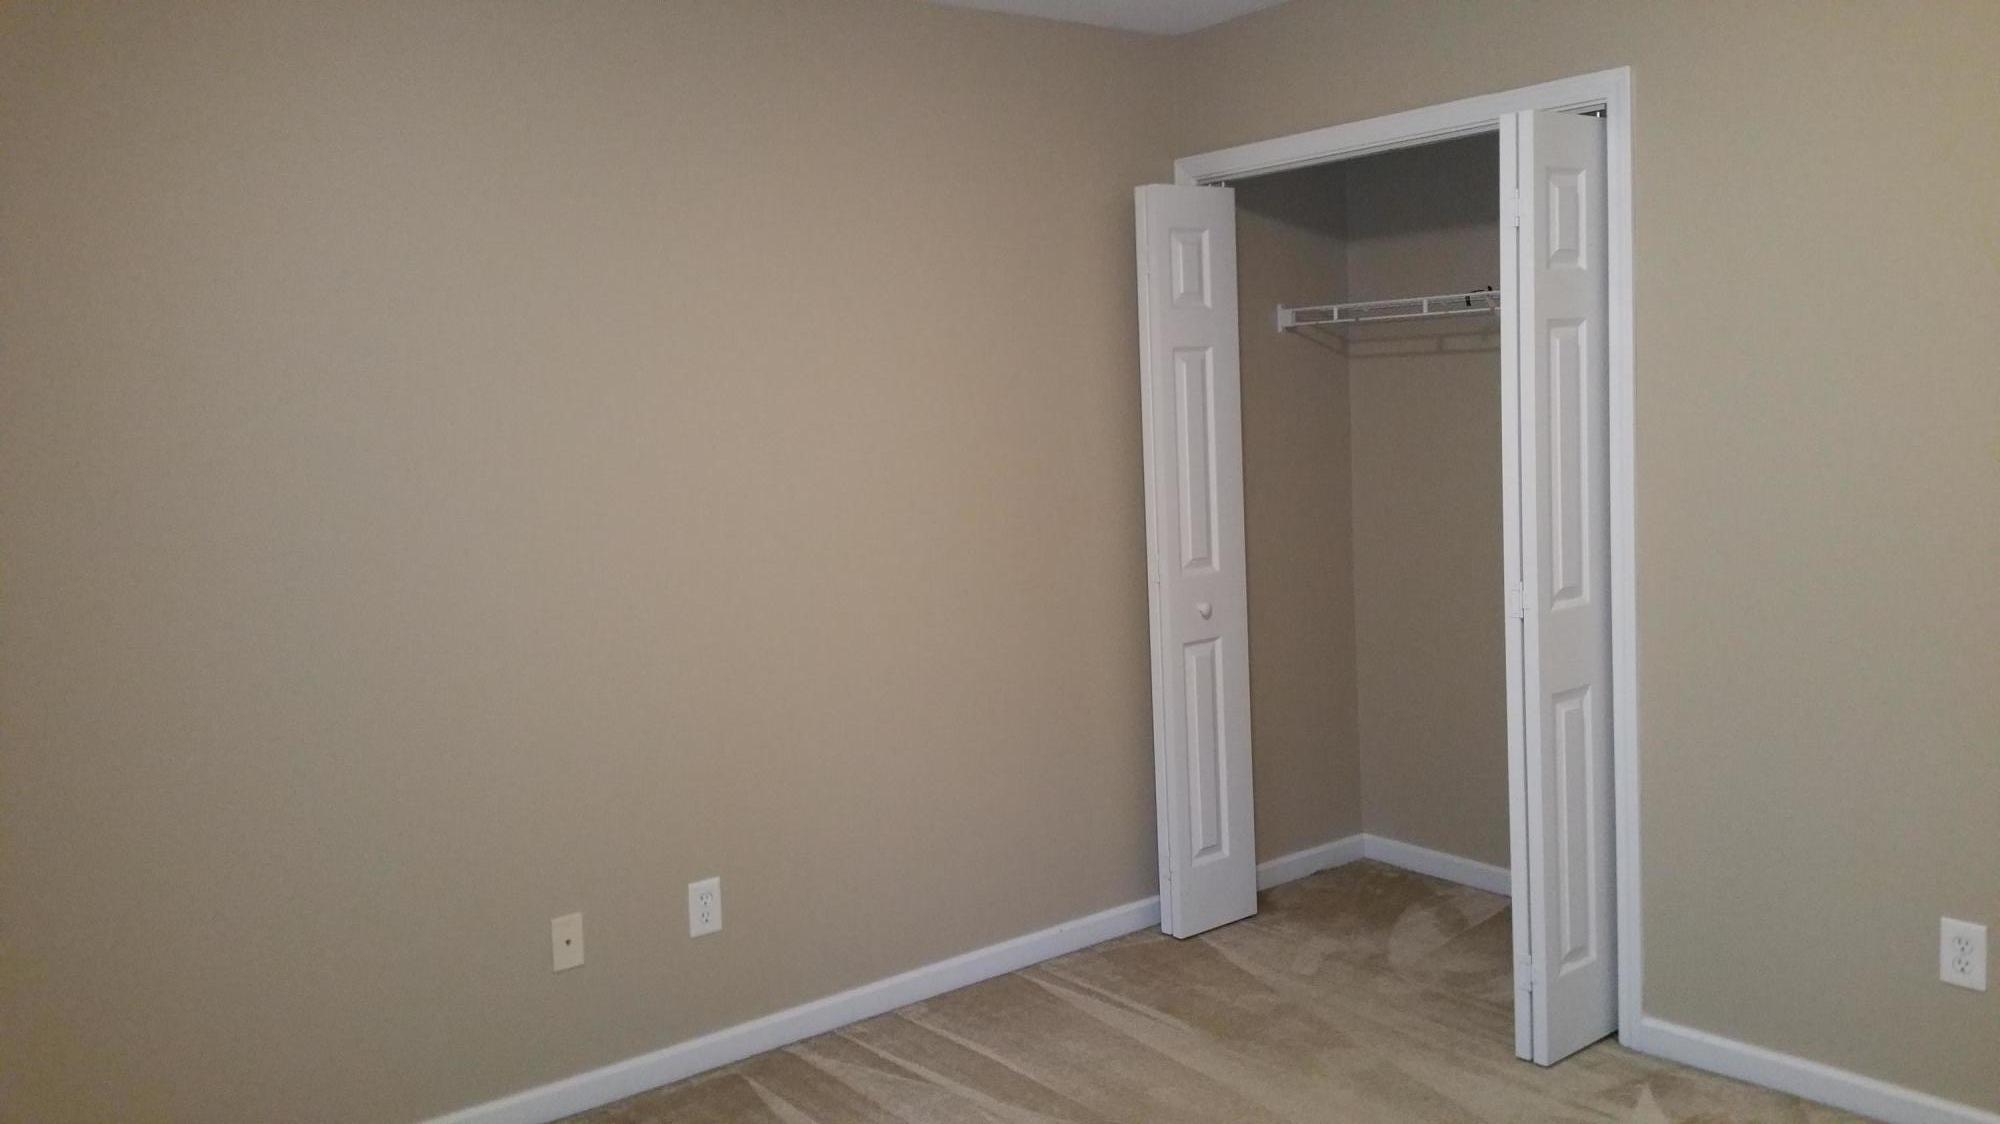 Rear Guest Bedroom Closet